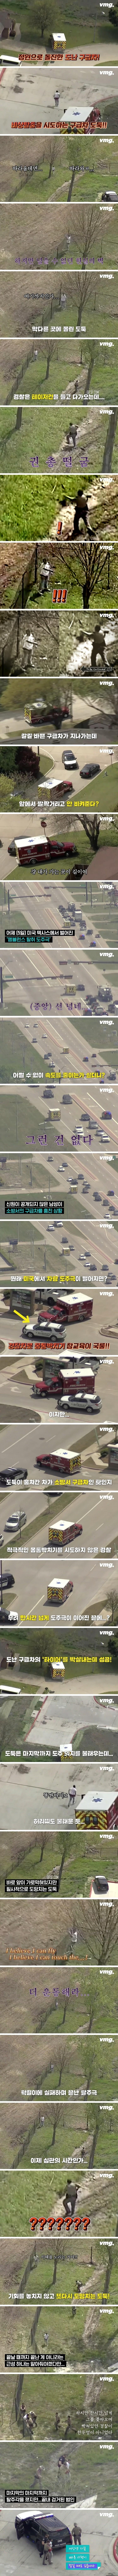 경찰과 도둑의 1시간 추격전.jpg